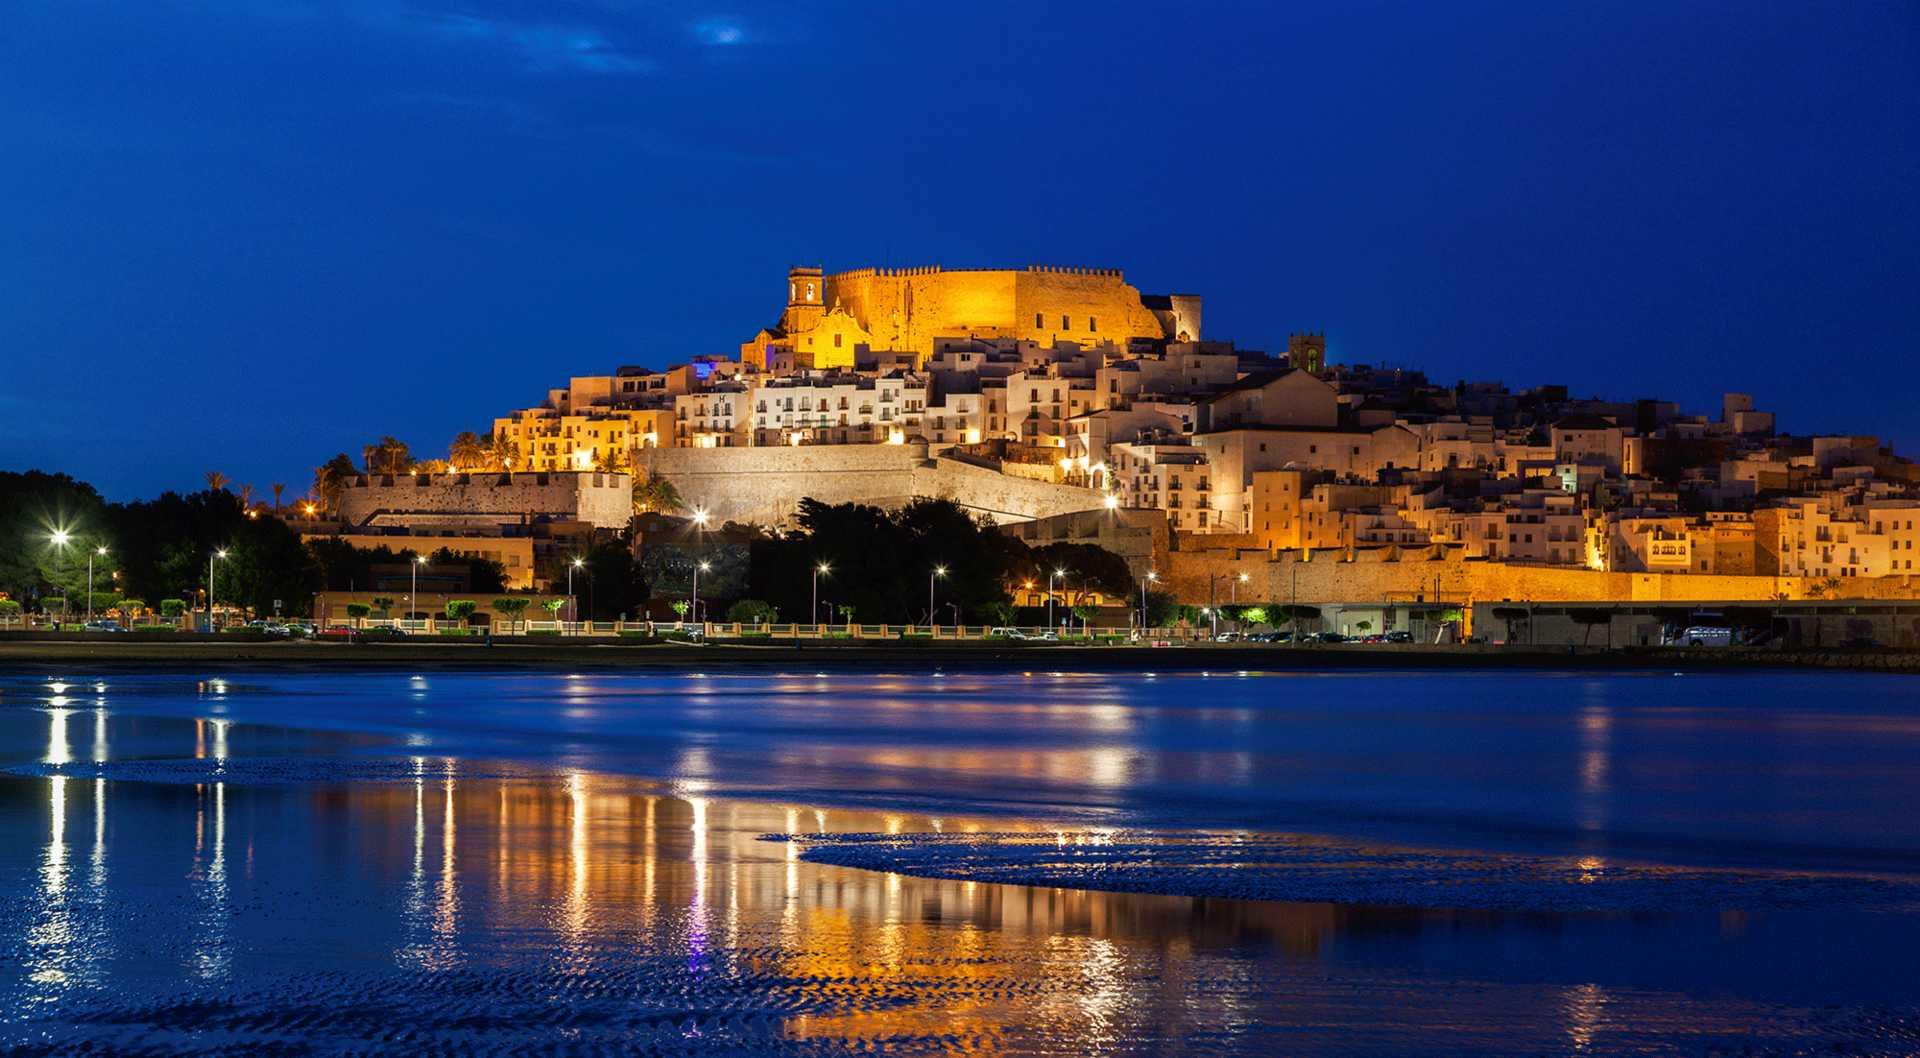 Visitas teatralizadas nocturnas al Castillo de Peñíscola